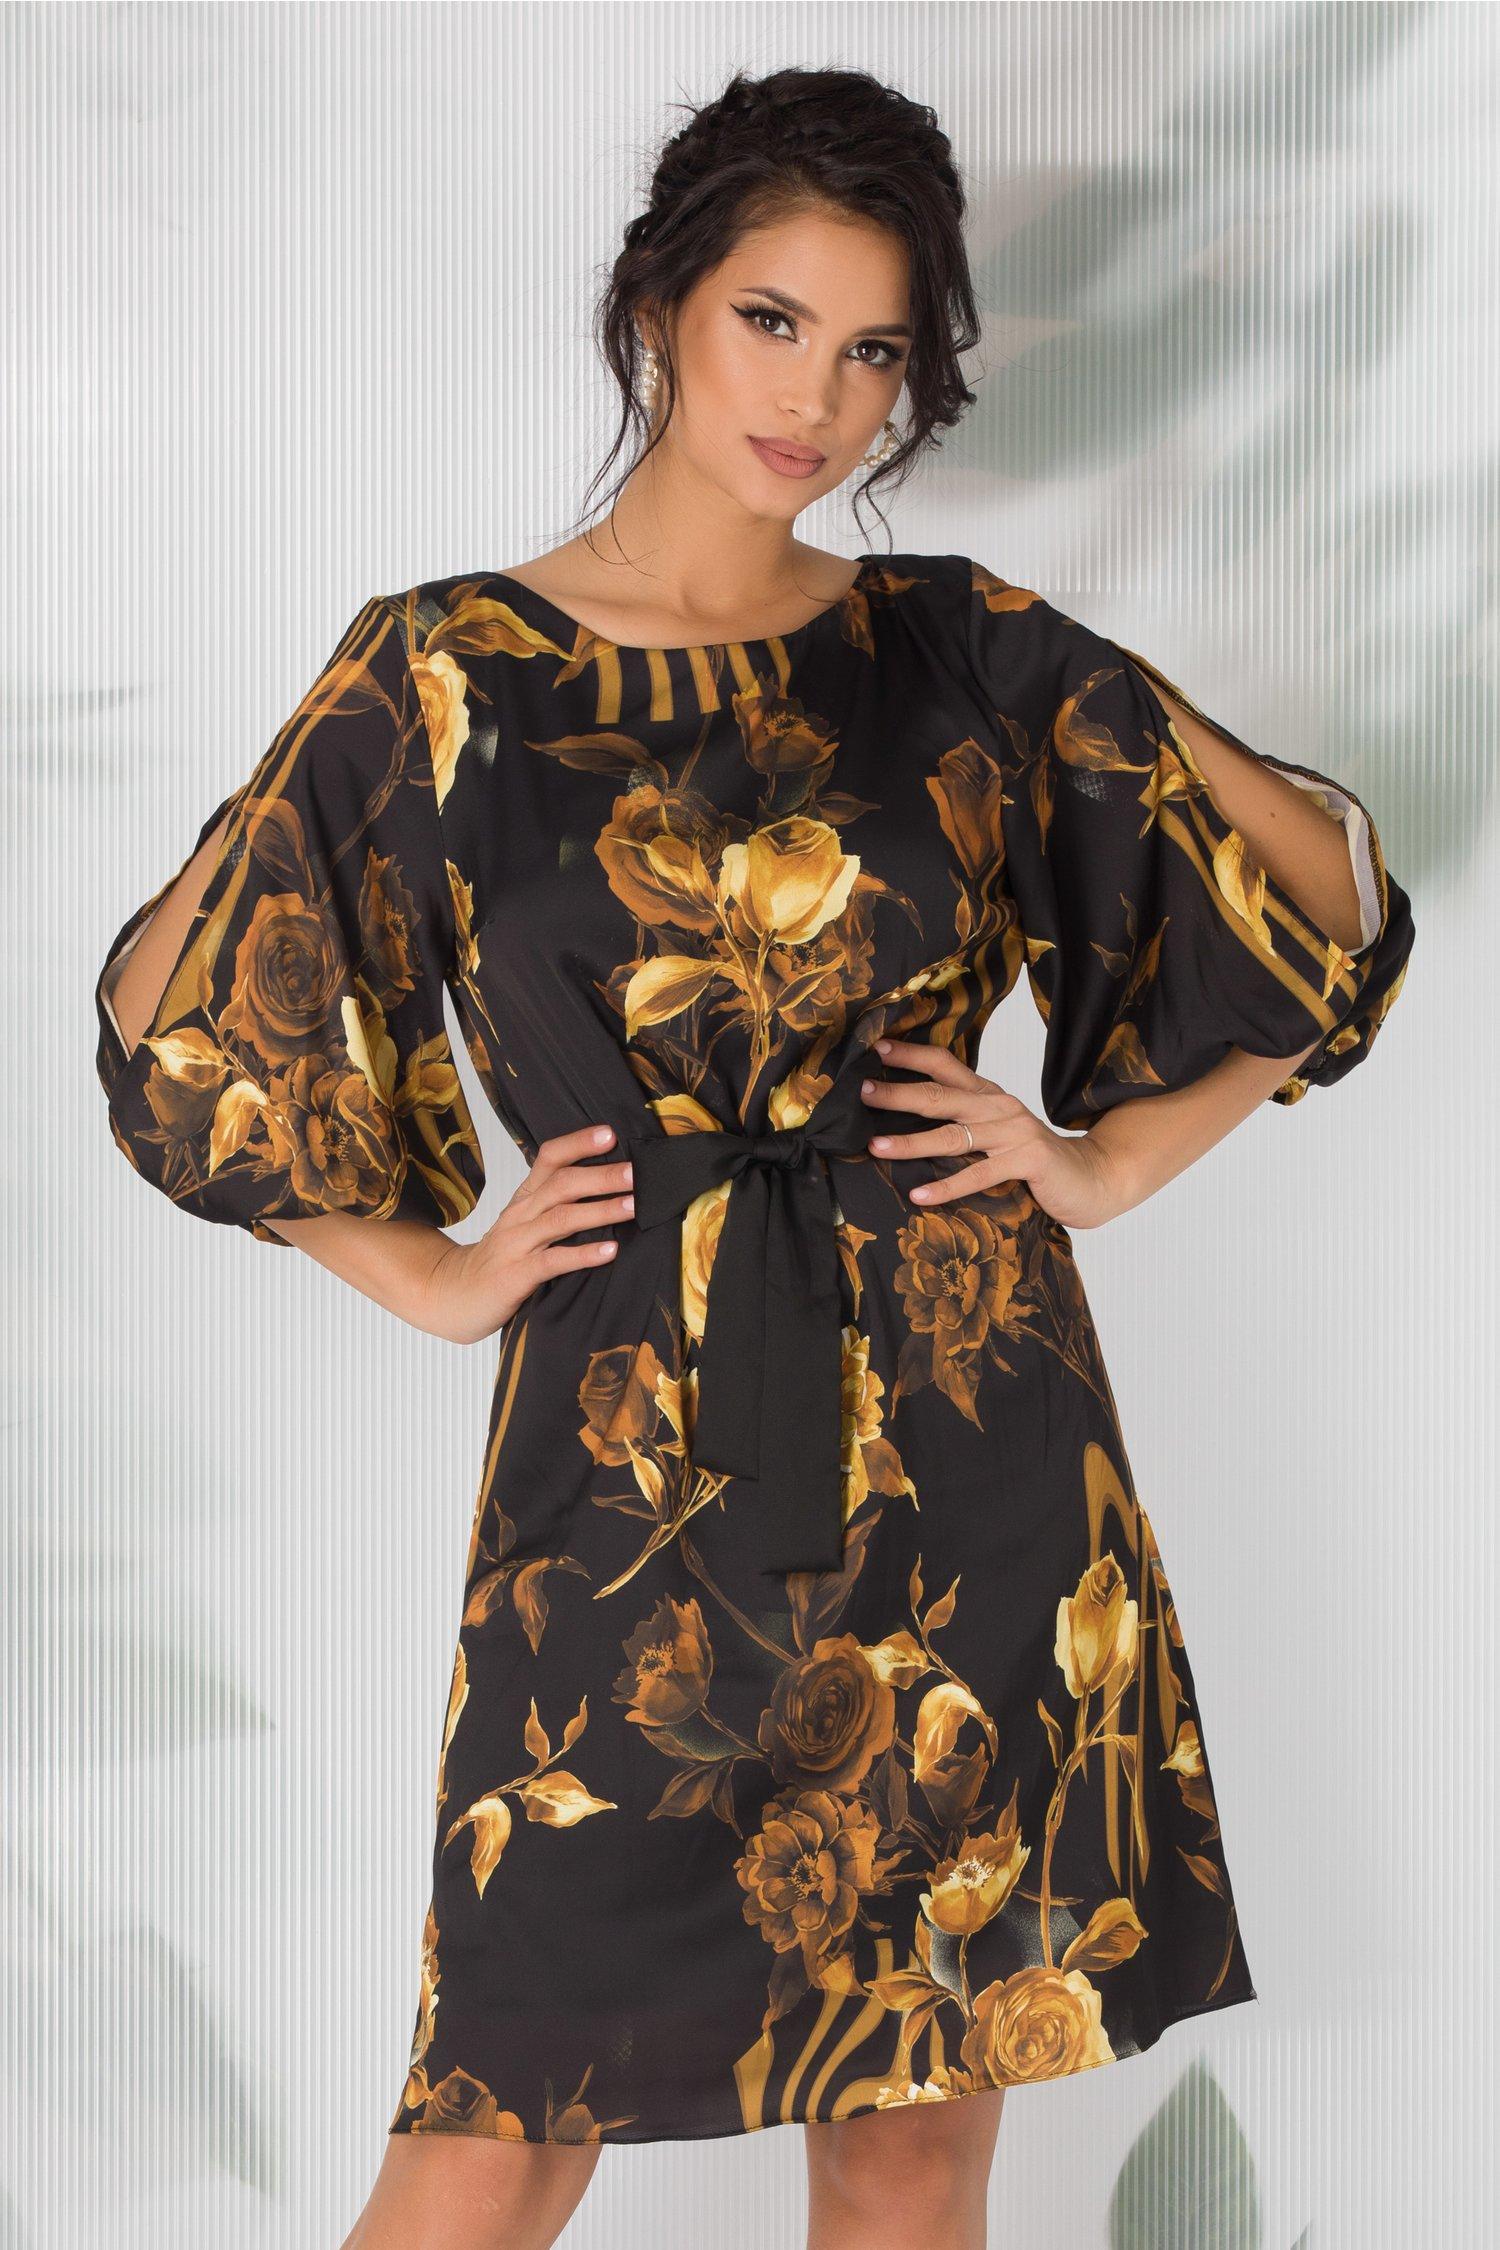 Rochie Rossa neagra cu imprimeu floral galben